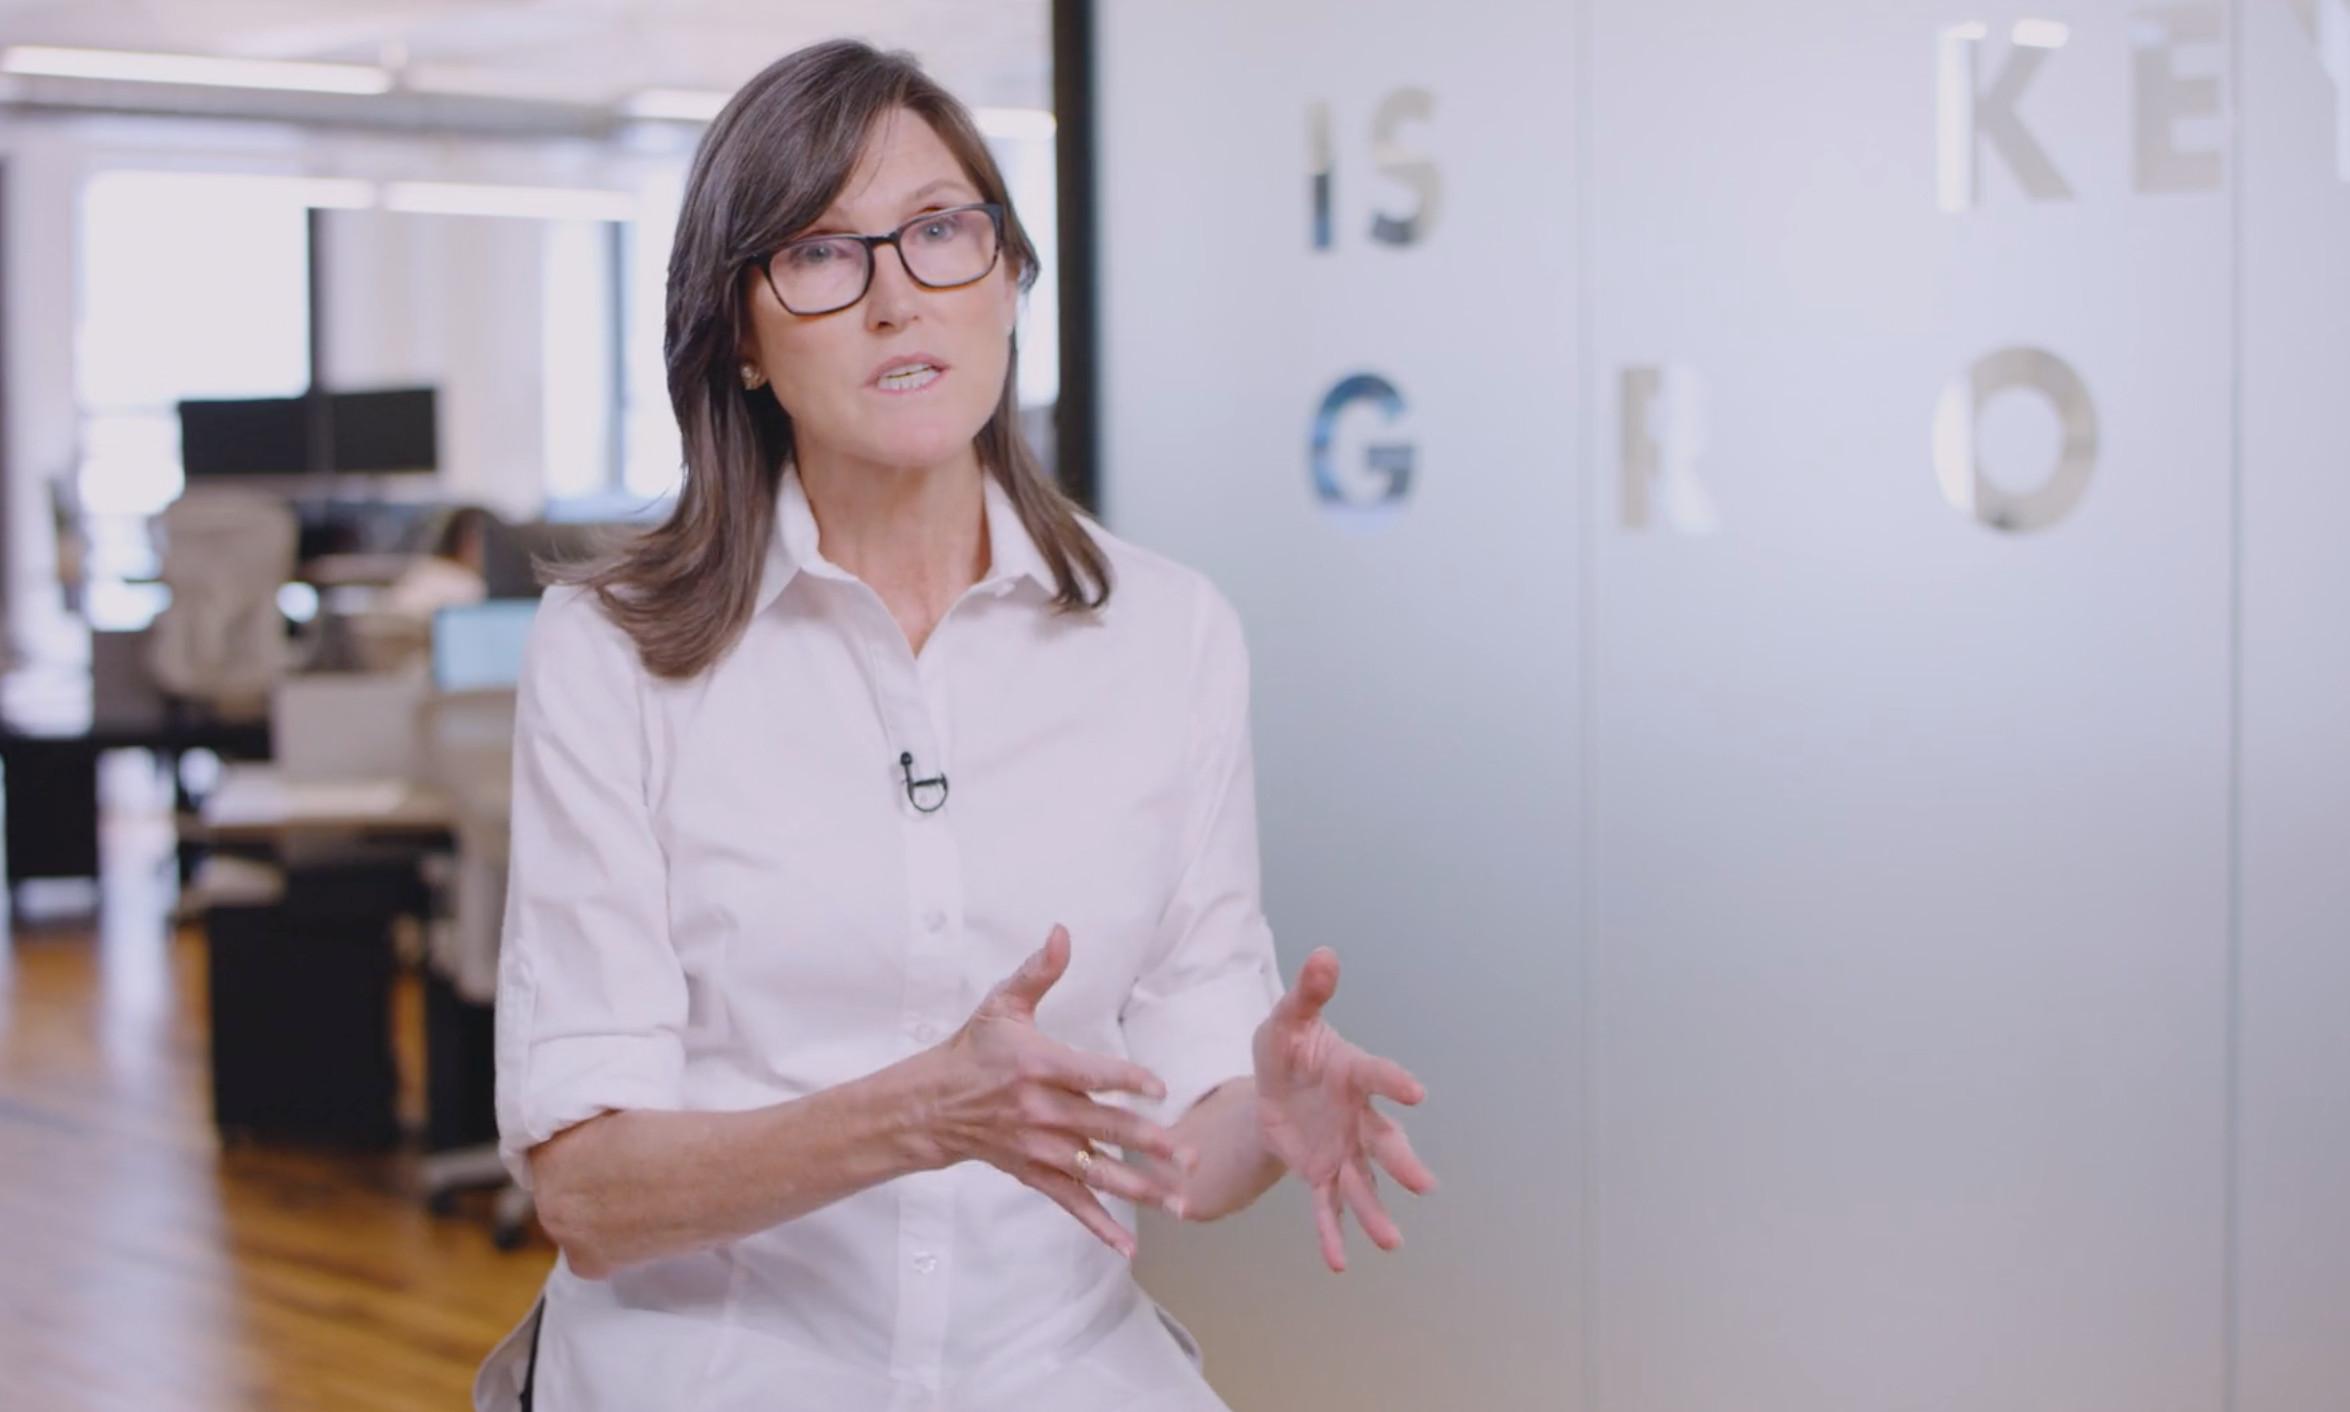 ▲方舟投資公司(ARK Invest)創辦人兼執行長伍德(Cathie Wood)。(圖/翻攝自ARK官網)